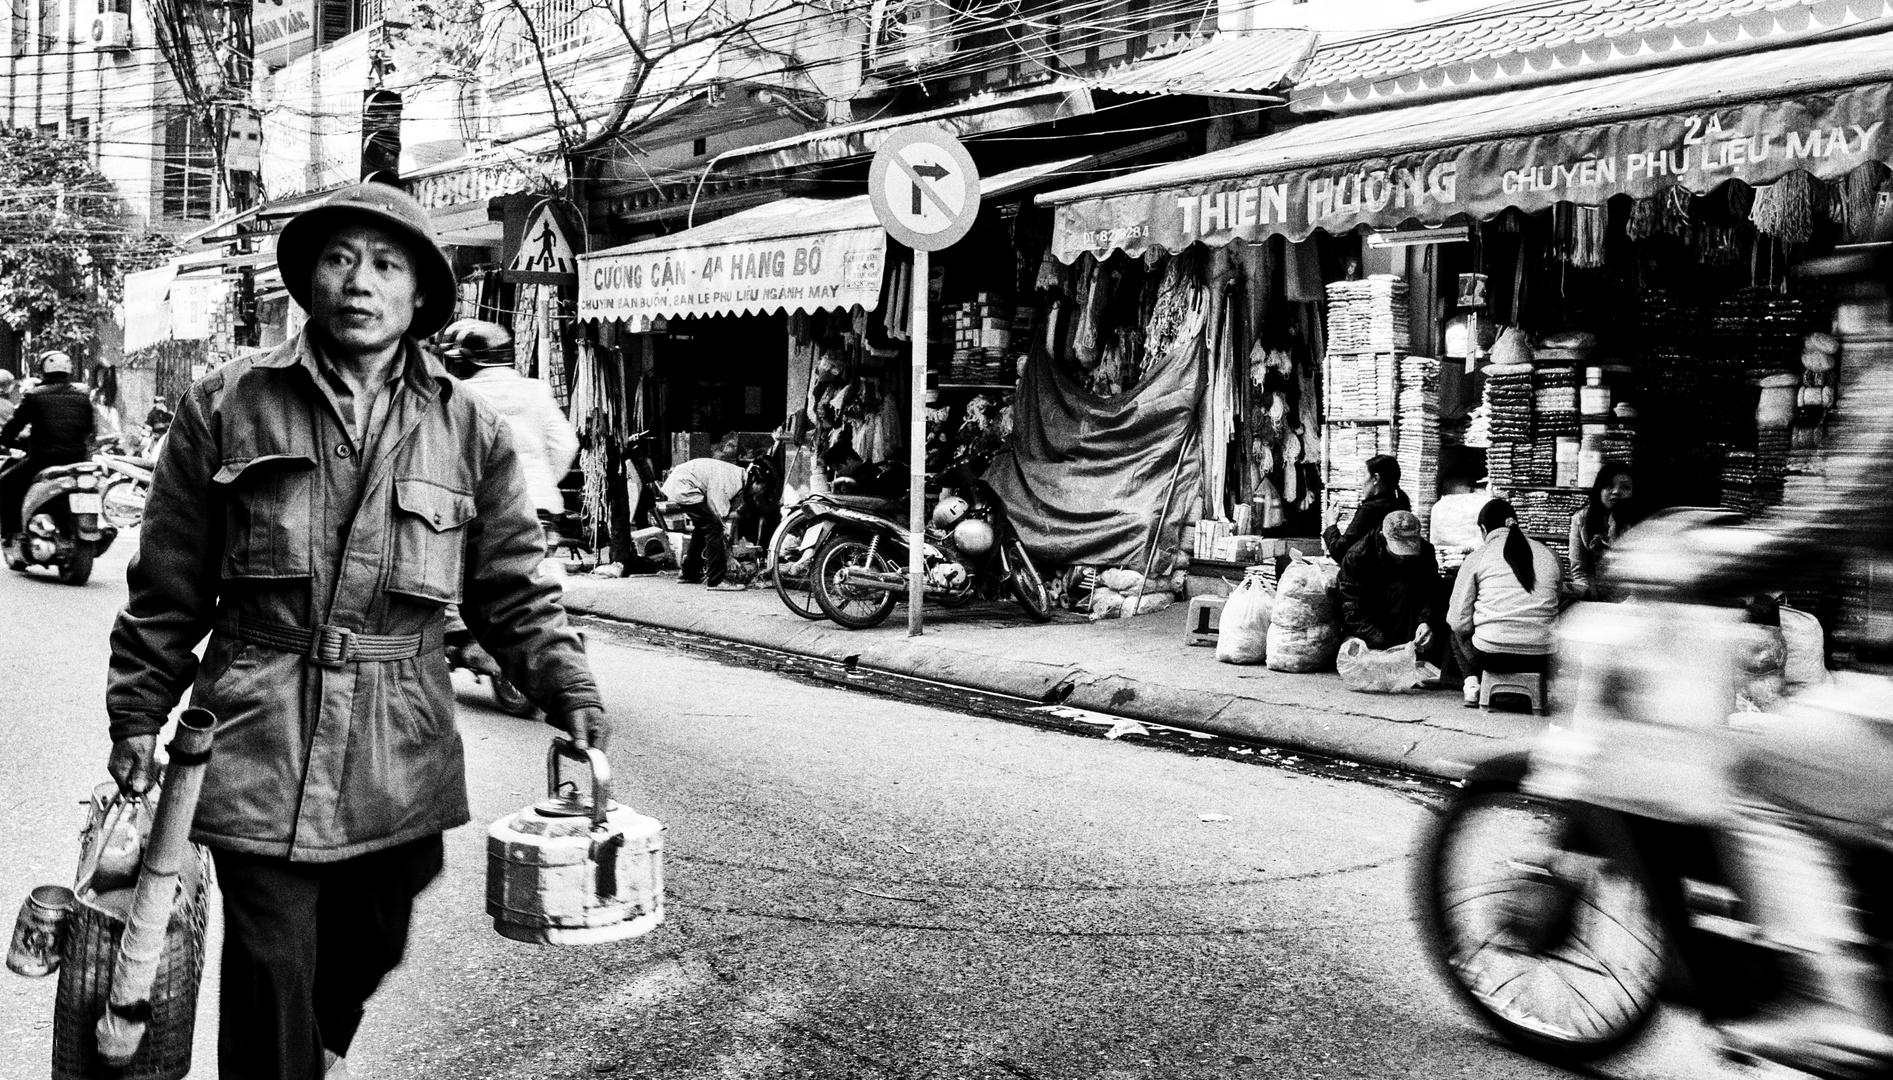 Vietnam No. 1